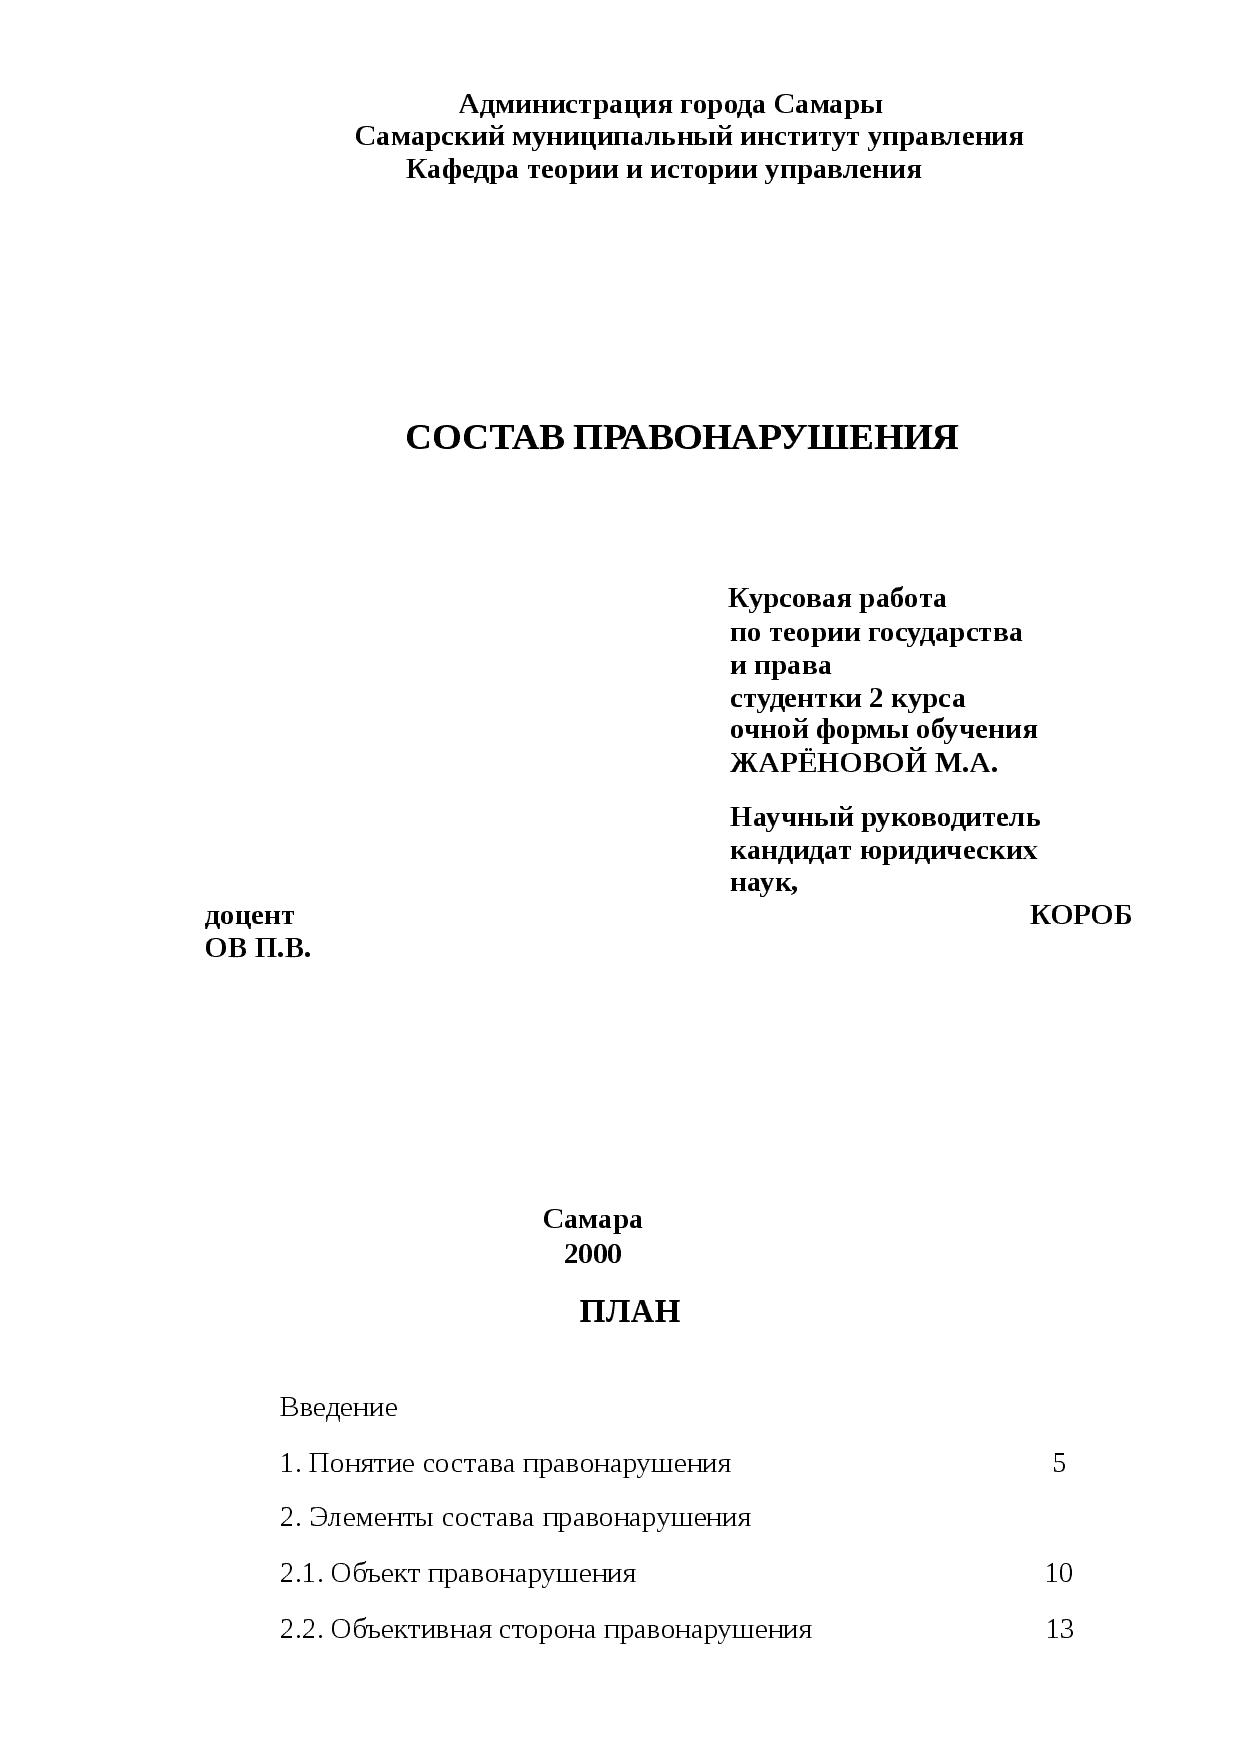 Правонарушение: понятие, признаки, виды. состав правонарушения юридический состав правонарушения тгп кратко - права